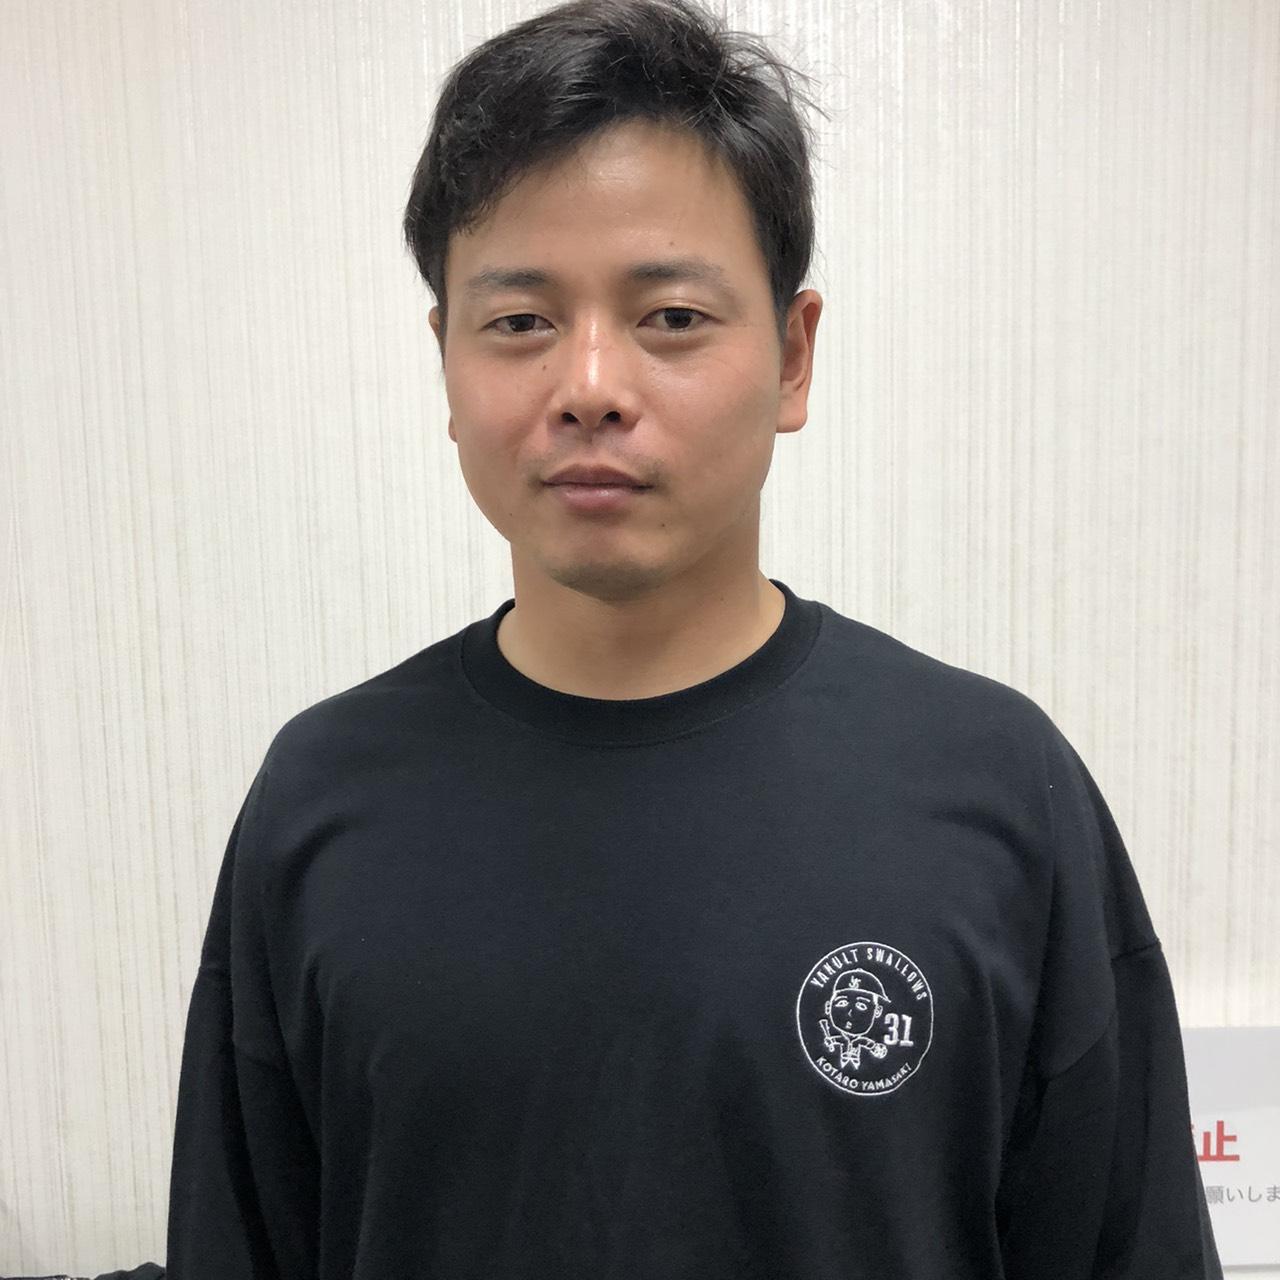 山崎選手自画像ビッグシルエットロングTシャツ(ブラック)